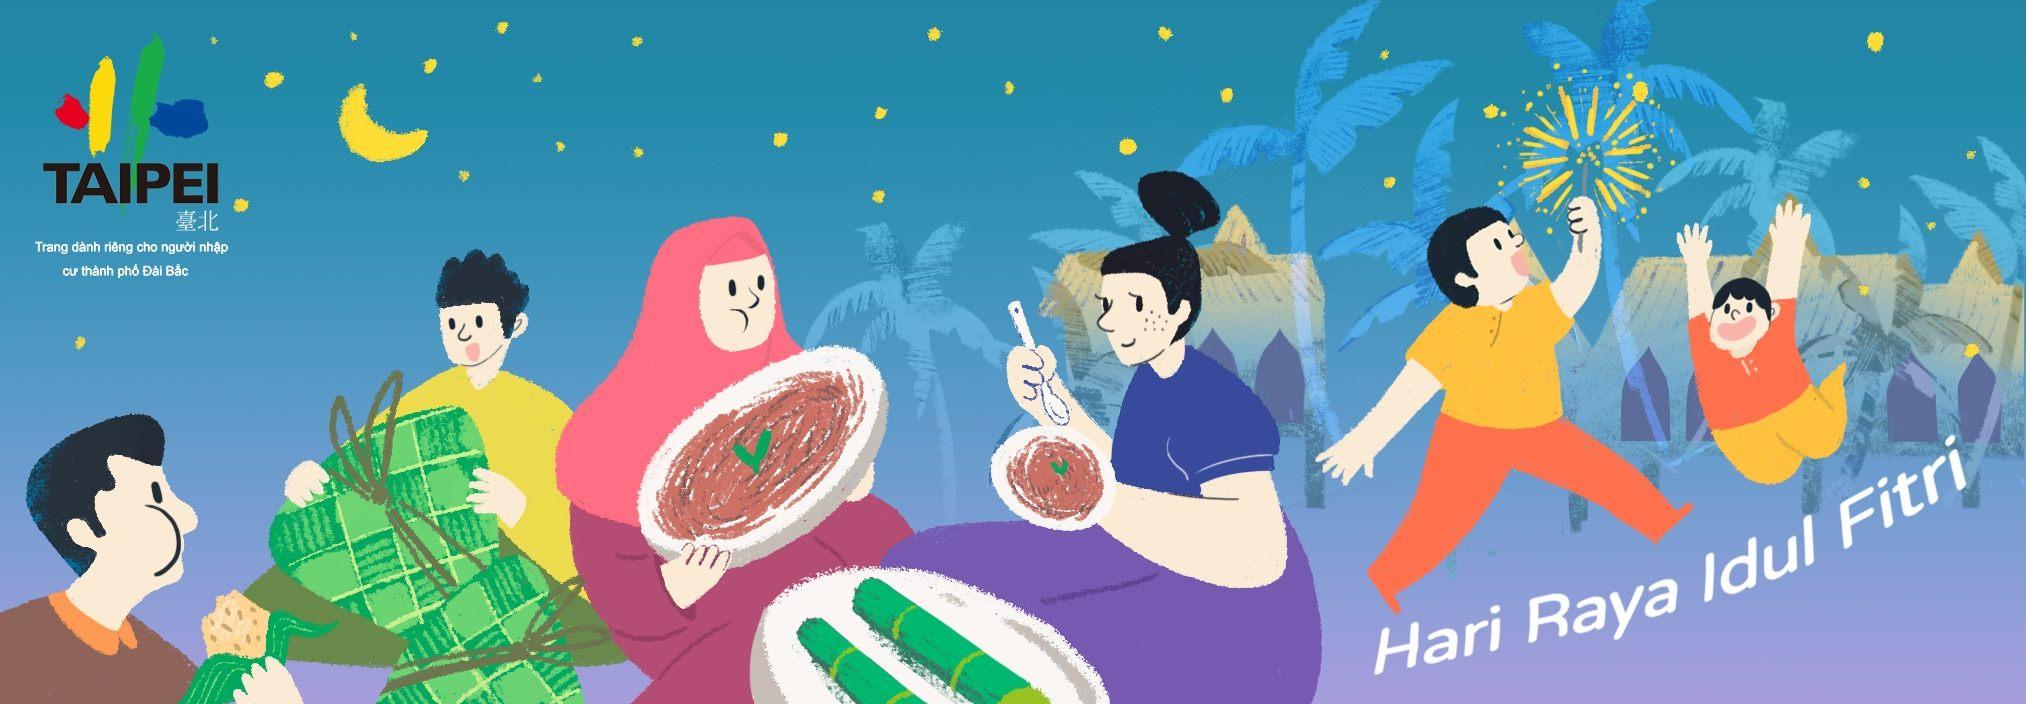 2020-Ngày lễ Eid al-Fitr của Inđônêxia